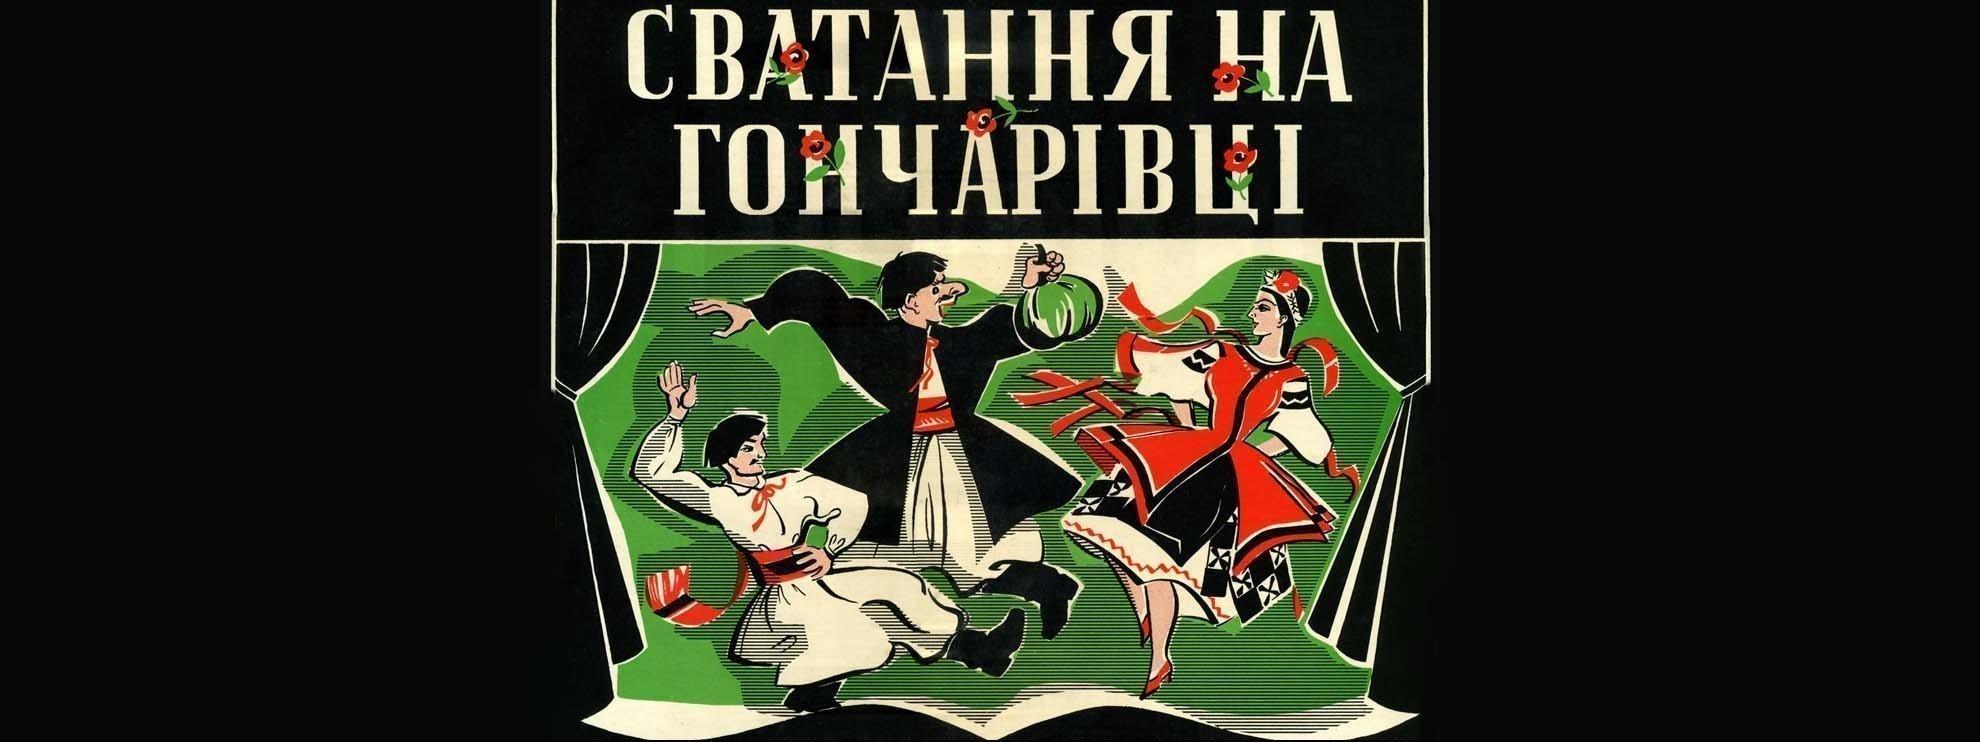 виконавець Сватанье на Гончаровке